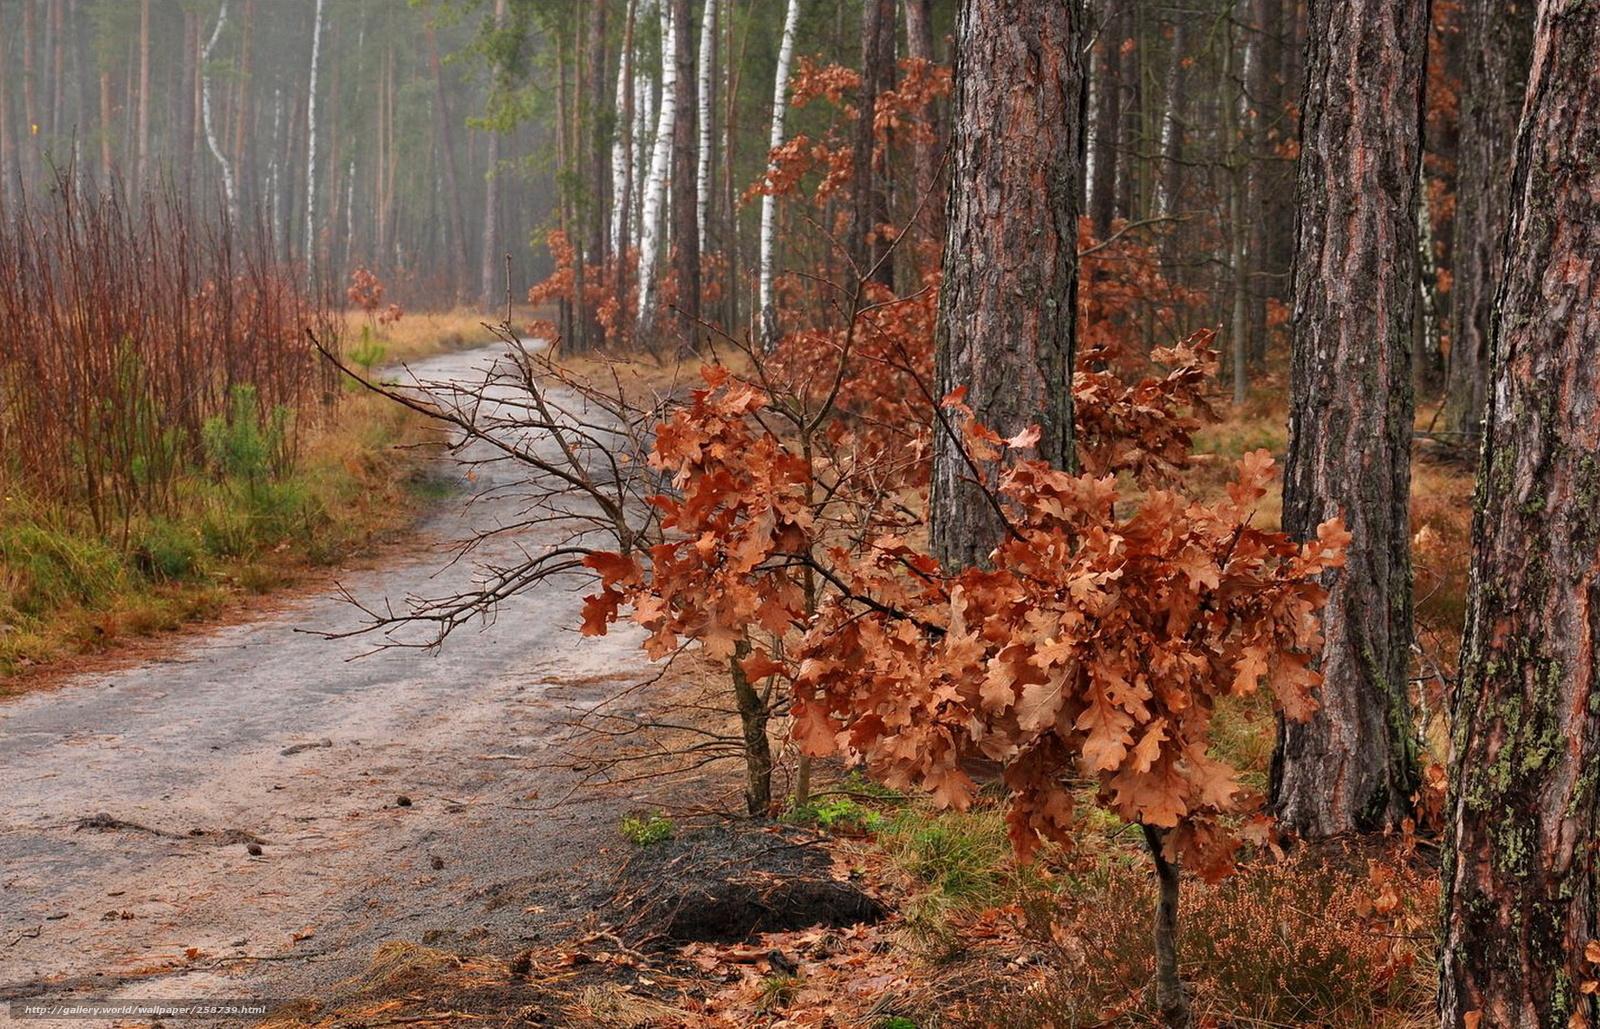 壁紙をダウンロード 森,  道路,  自然 デスクトップの解像度のための無料壁紙 1680x1080 — 絵 №258739